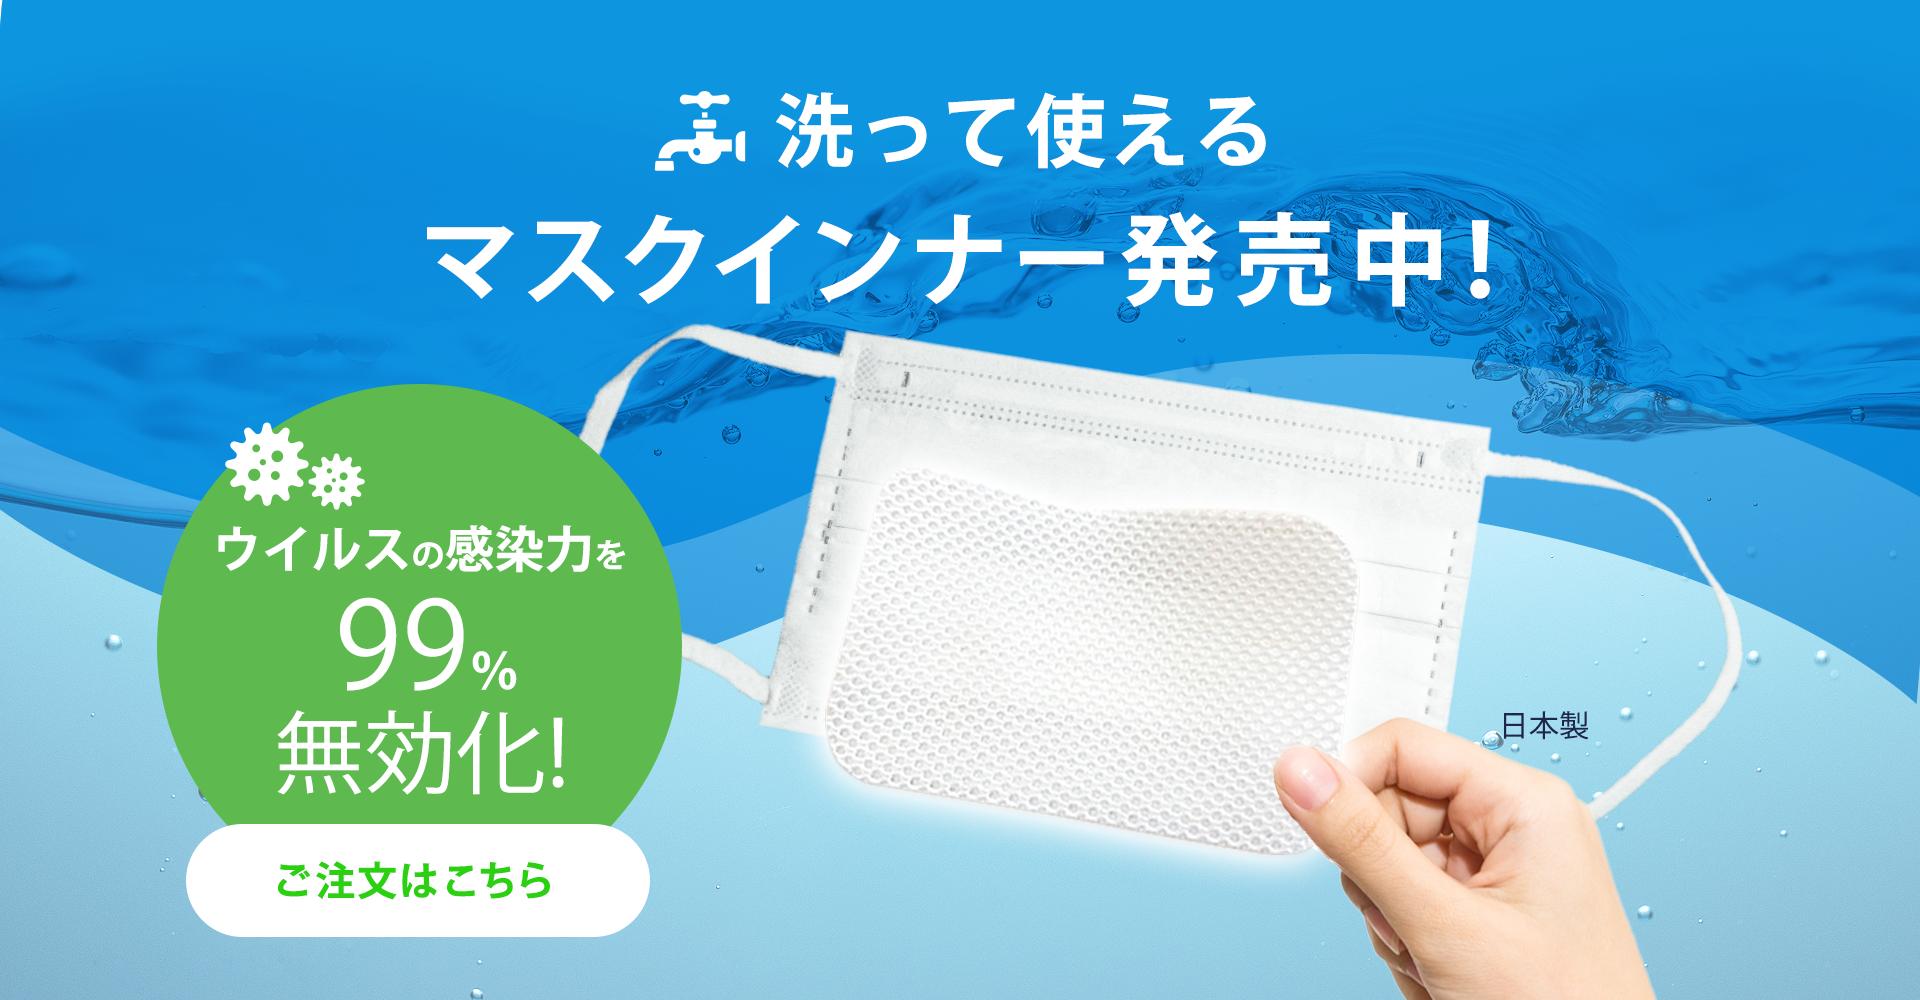 マテーレ 株式 マスク 小松 会社